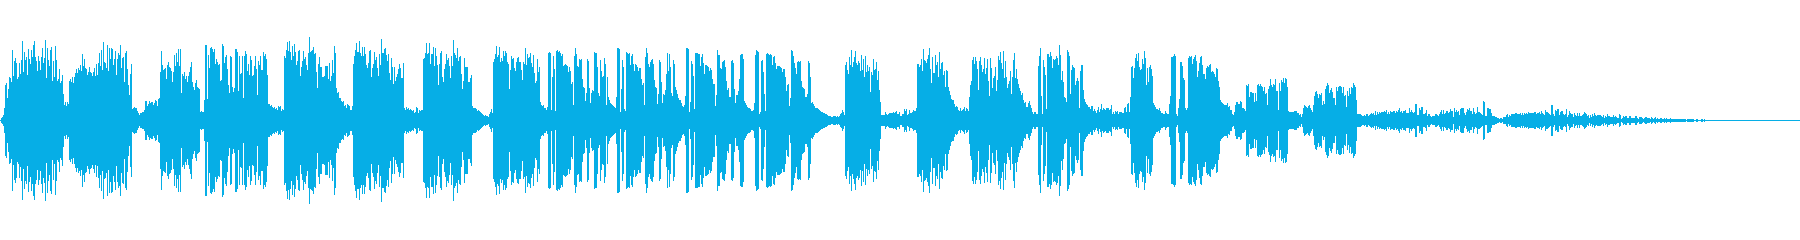 8ビット電子グリッチ:短いシーケンスの再生済みの波形